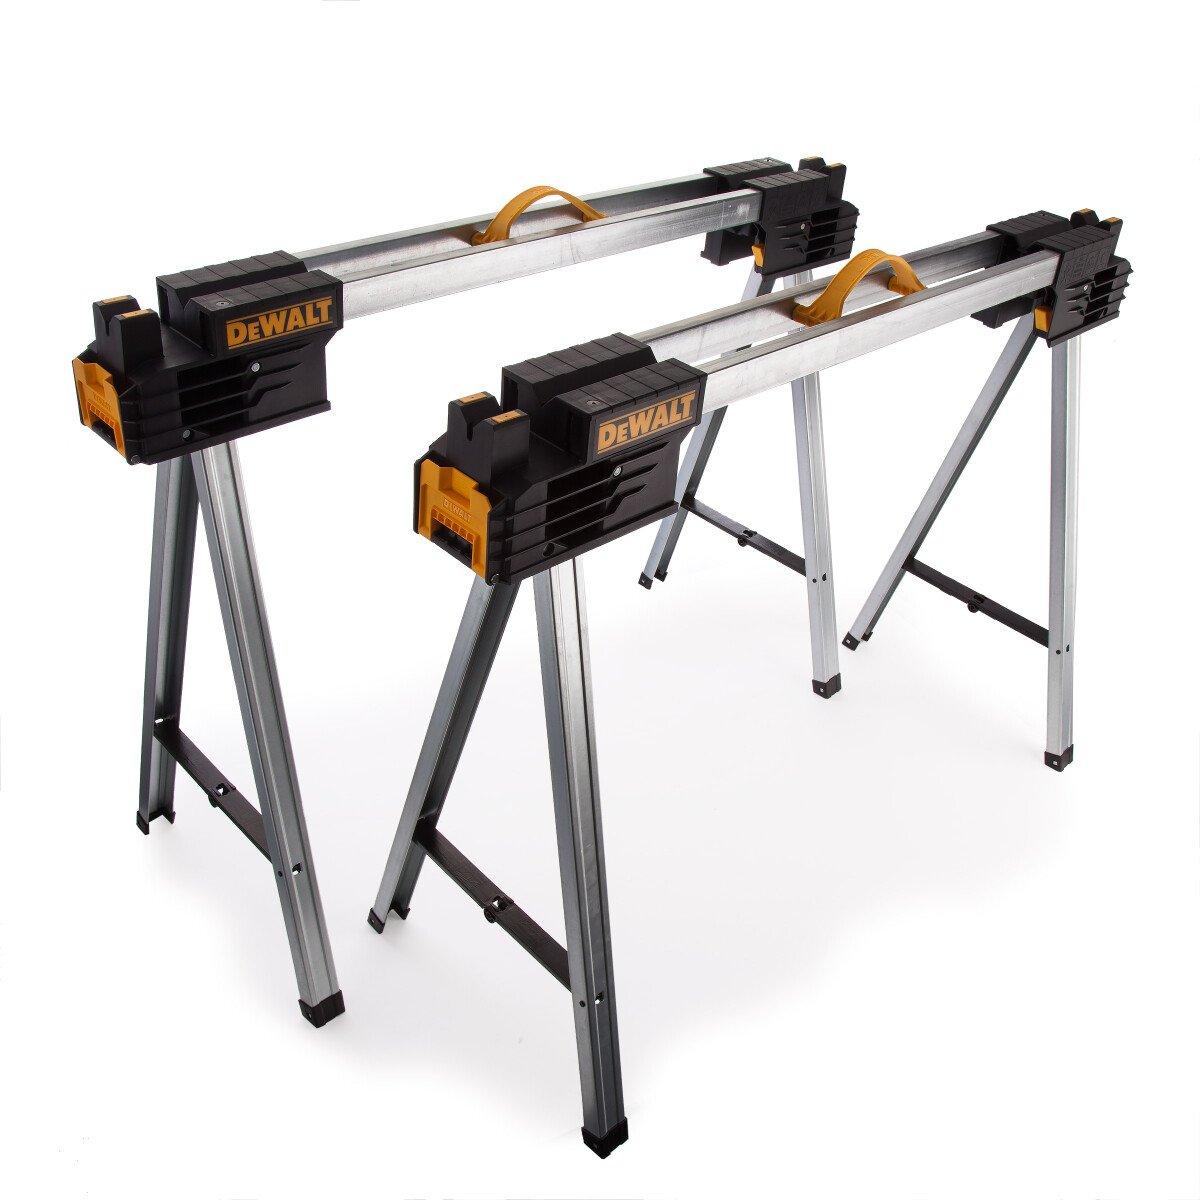 Dewalt DWST1-75676 Pack x 2 Folding Sawhorses